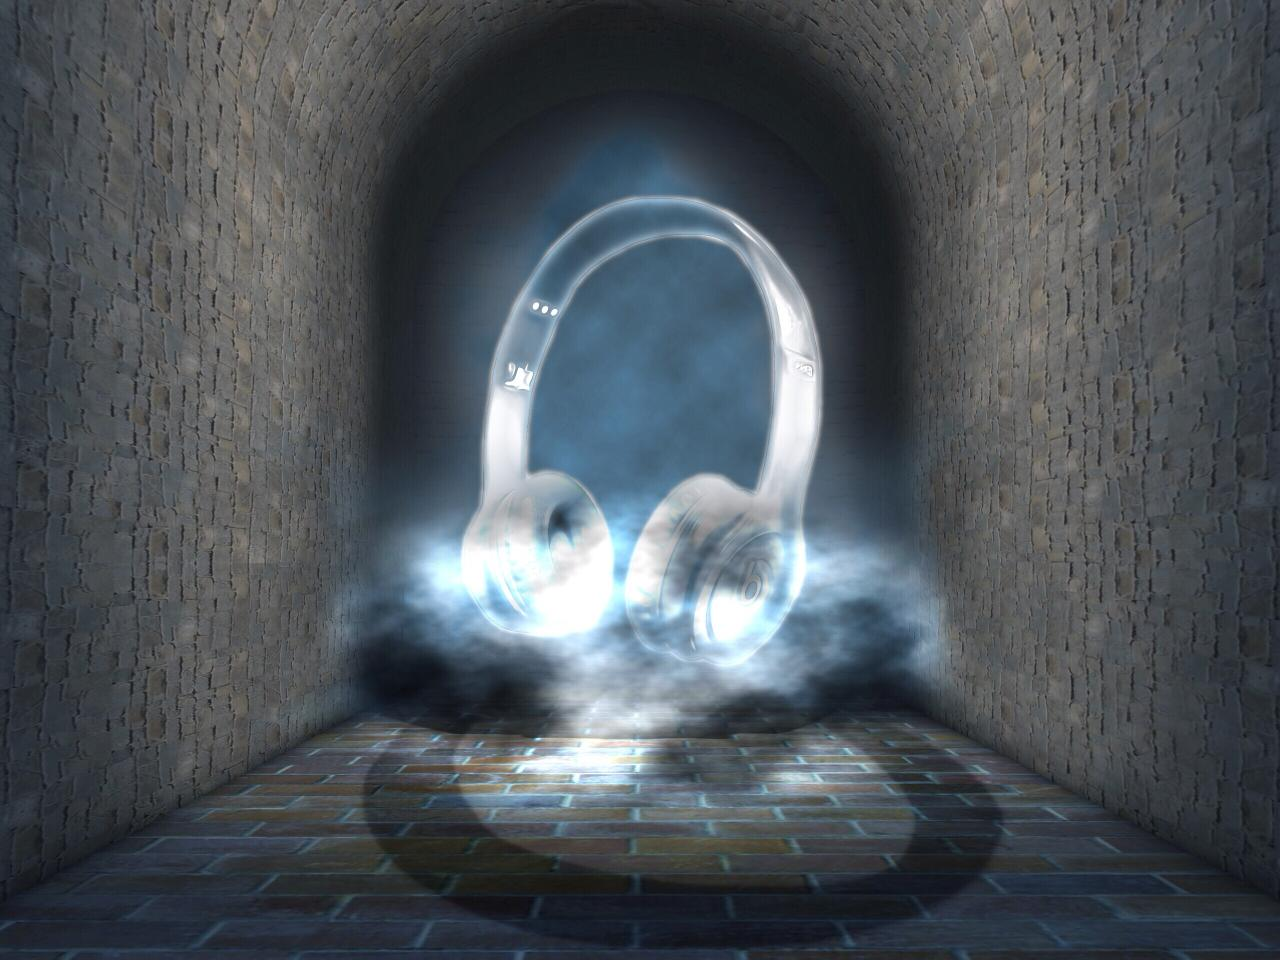 beats solo HD monochromatic - photo manipulation pop art